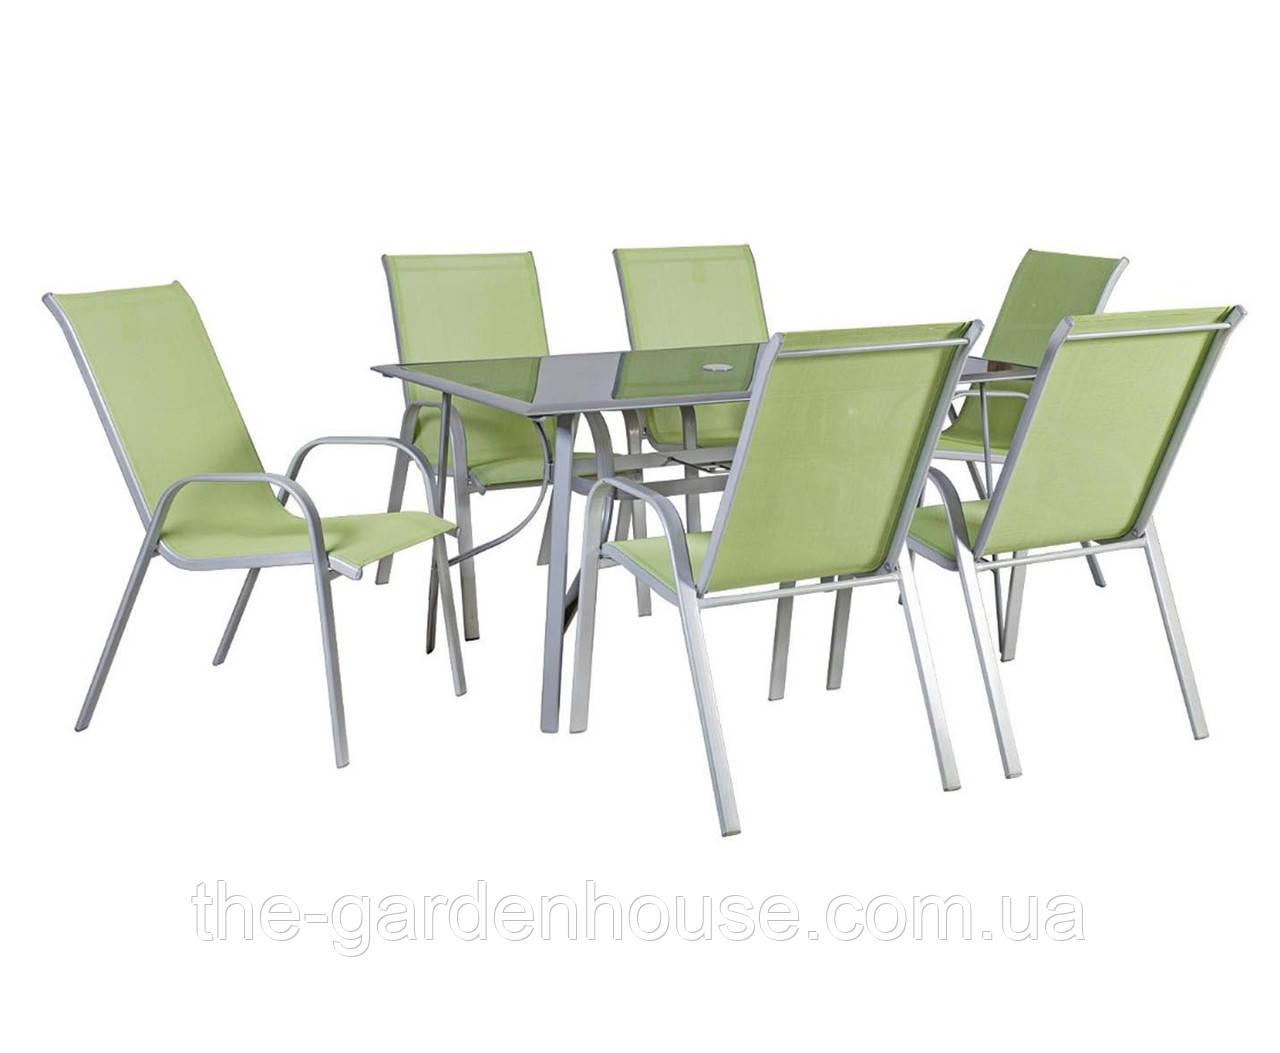 Столовый набор садовой мебели: стол Denver со стеклом и 6 стульев из текстилена зеленого цвета